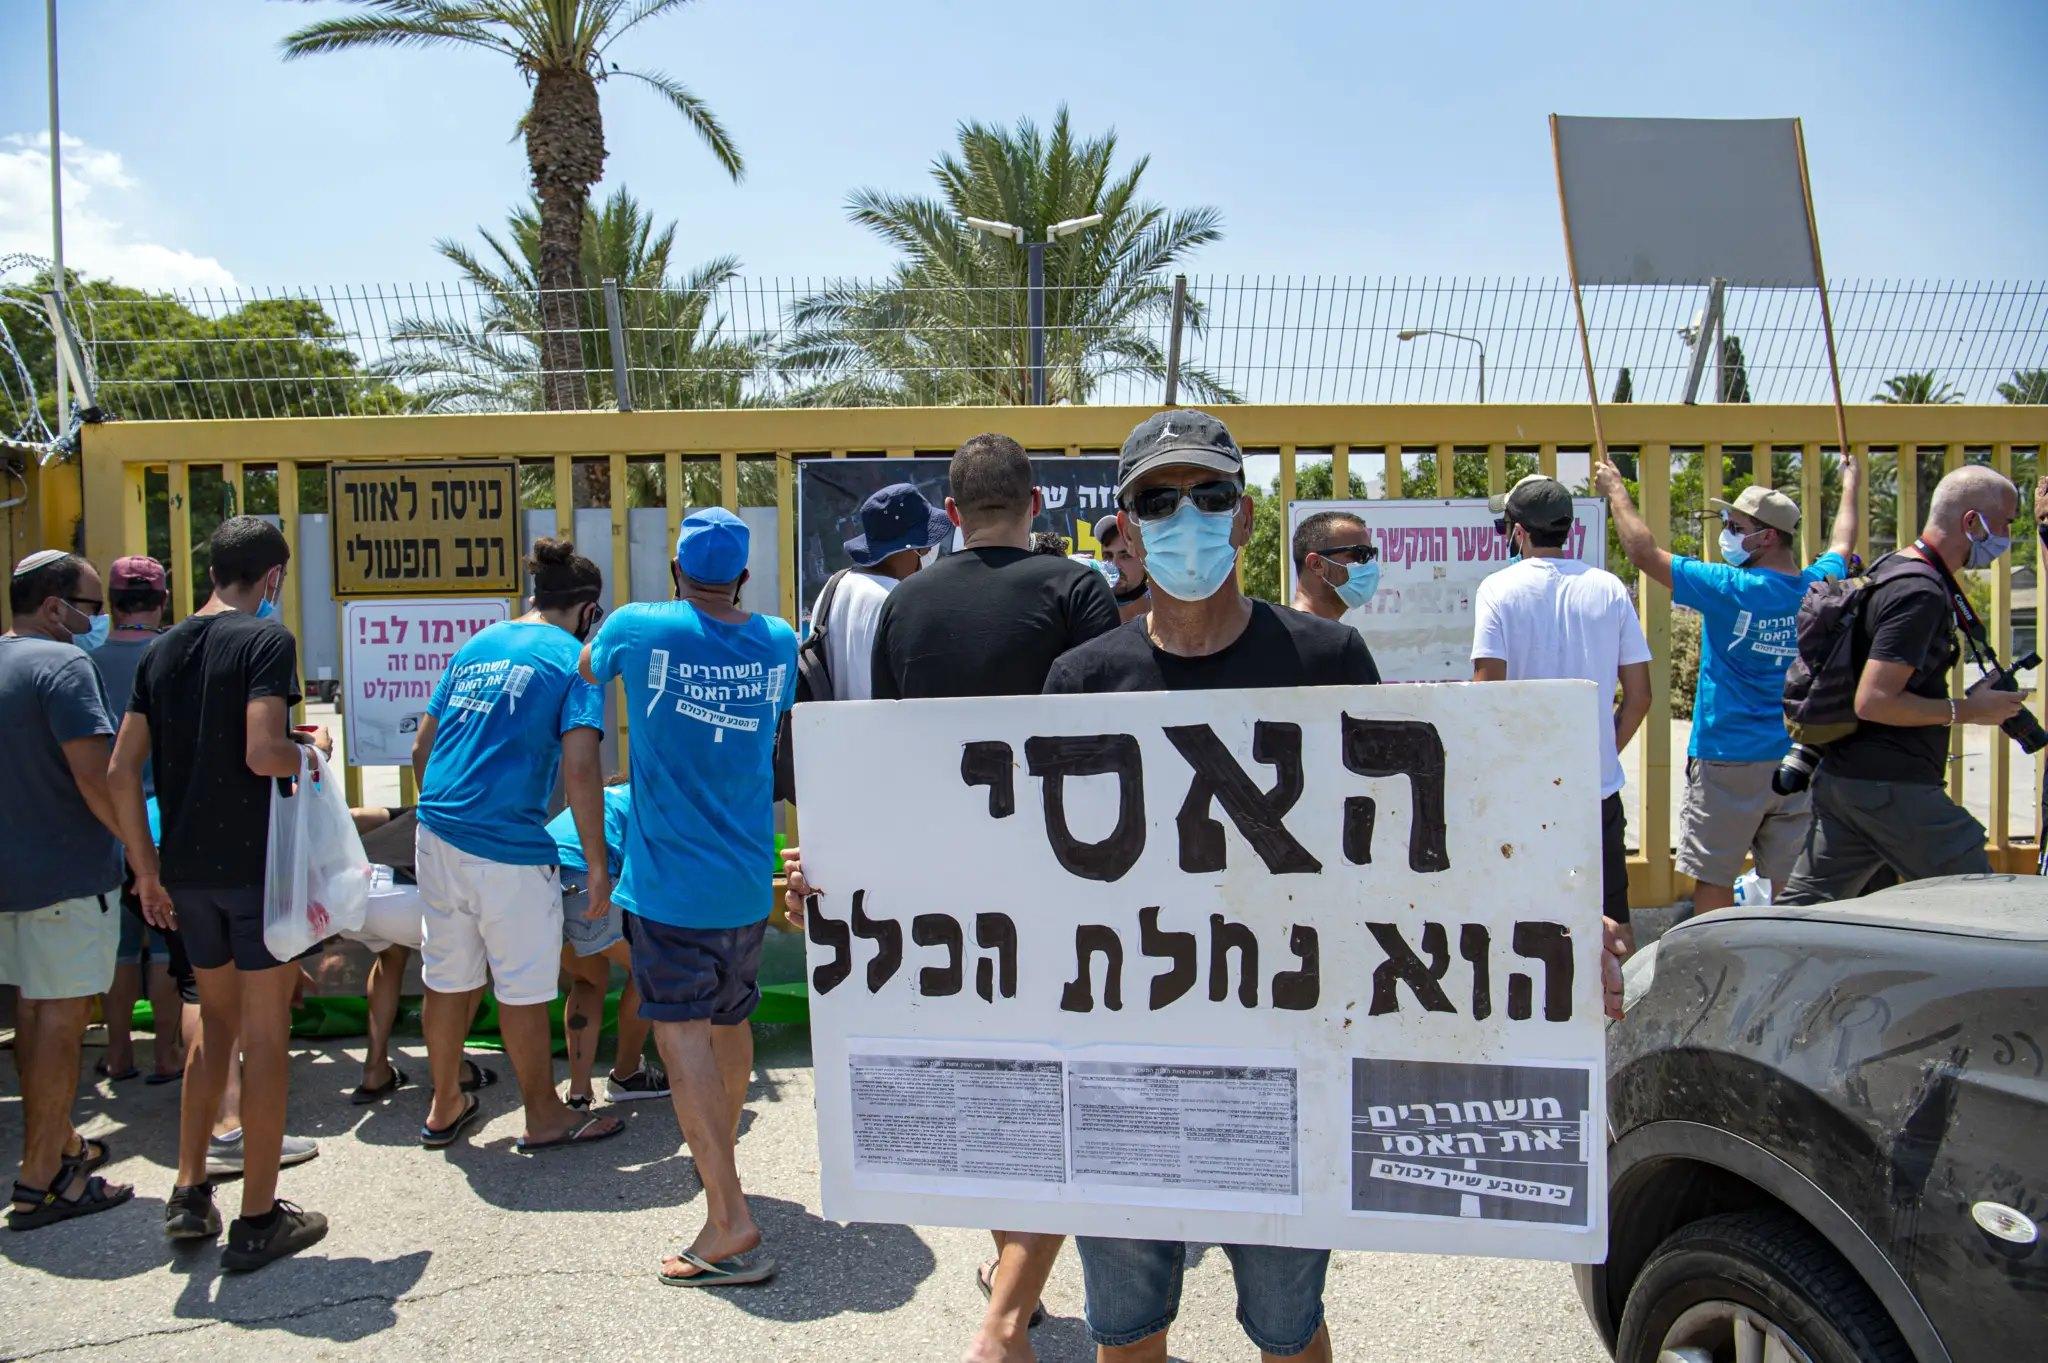 המאבק לשחרור נחל האסי: ניצחונות חלקיים בדרך אל המטרה